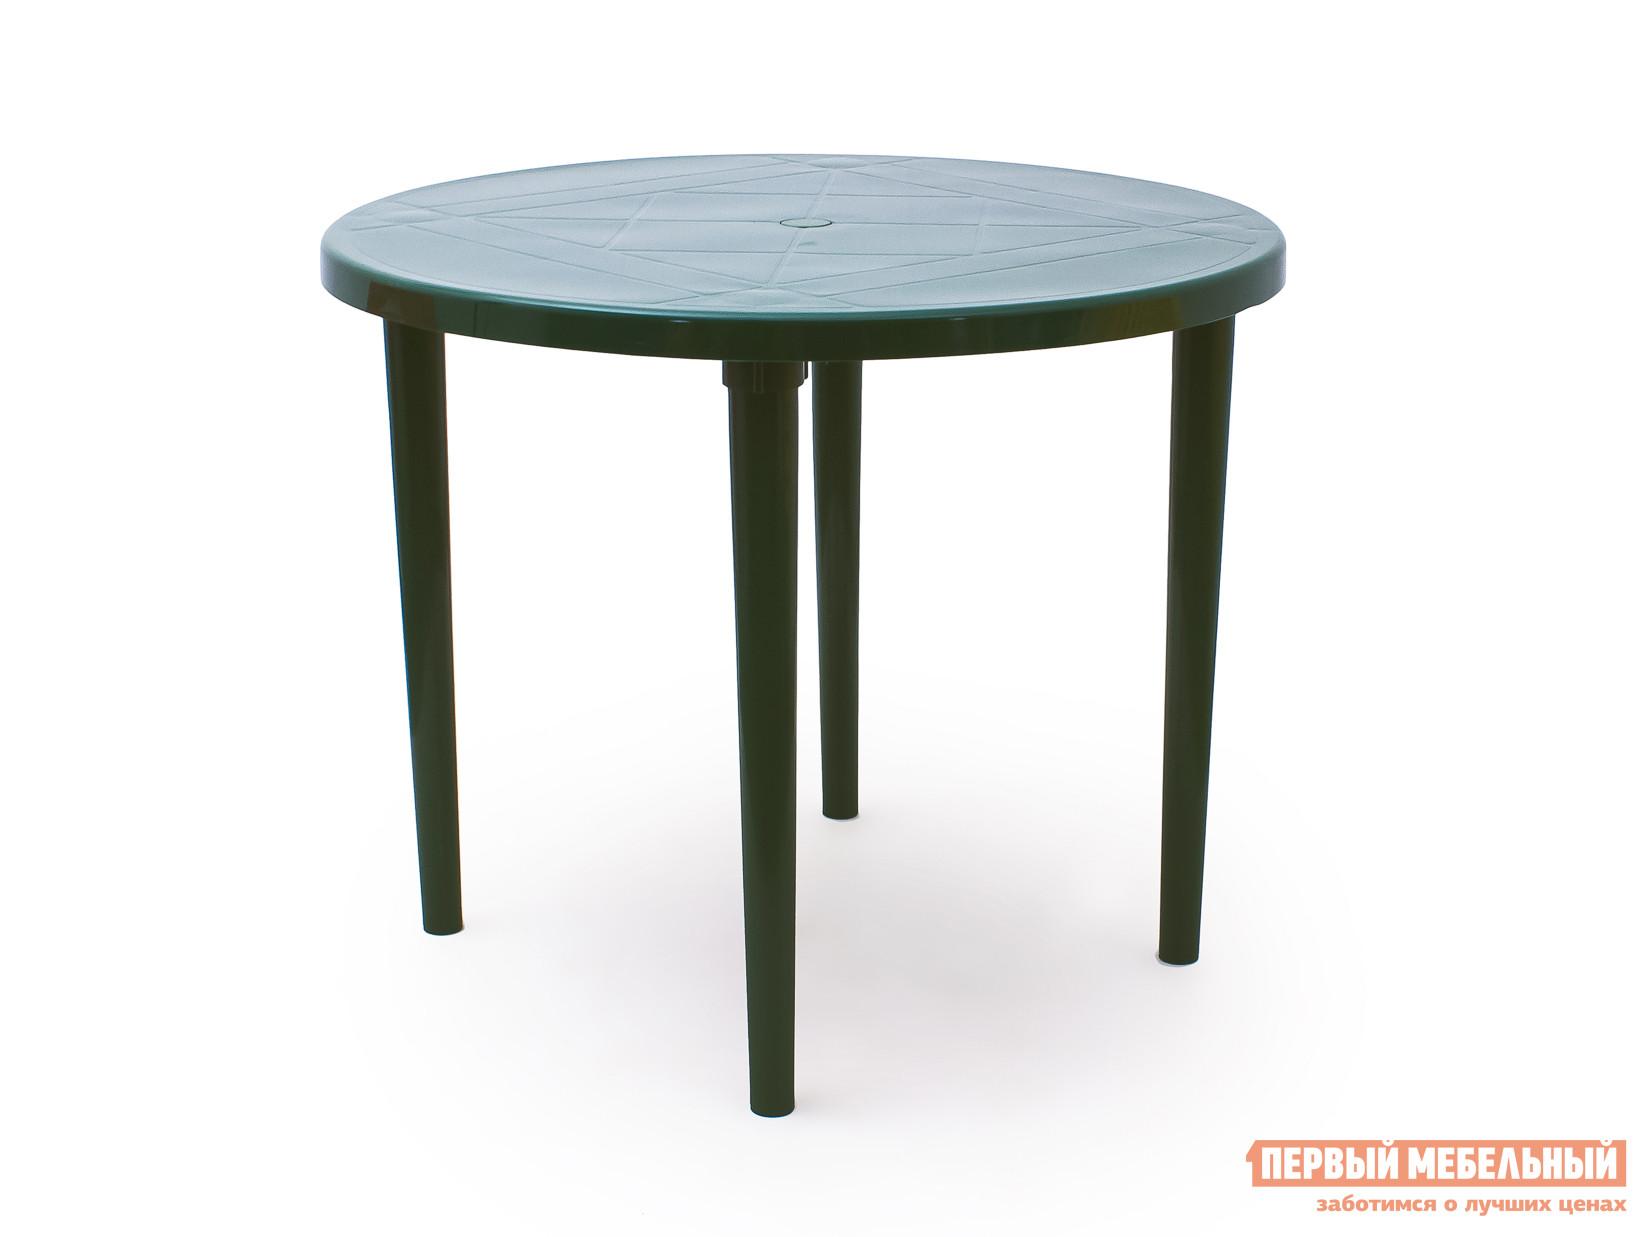 Купить со скидкой Пластиковый стол Стандарт Пластик Стол круглый, д. 900 мм Темно-зеленый